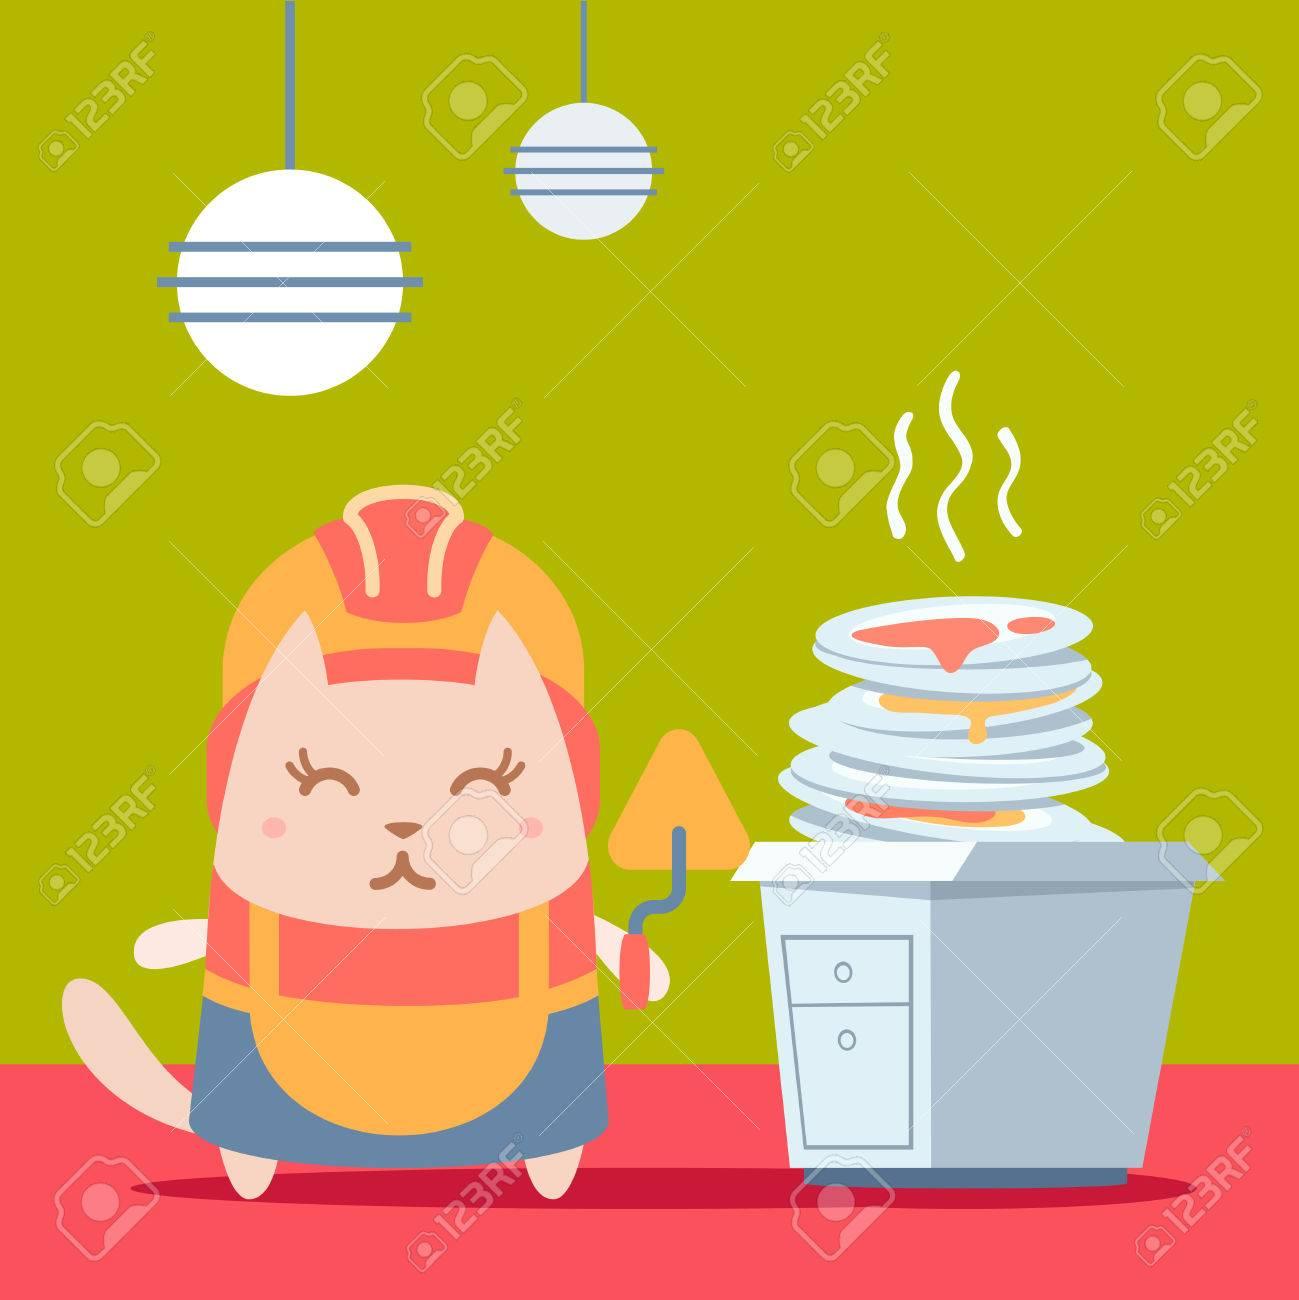 archivio fotografico builder carattere in casco e tuta colorata piatta cat donna sta in cucina vicino ad un mucchio di piatti sporchi in possesso di una